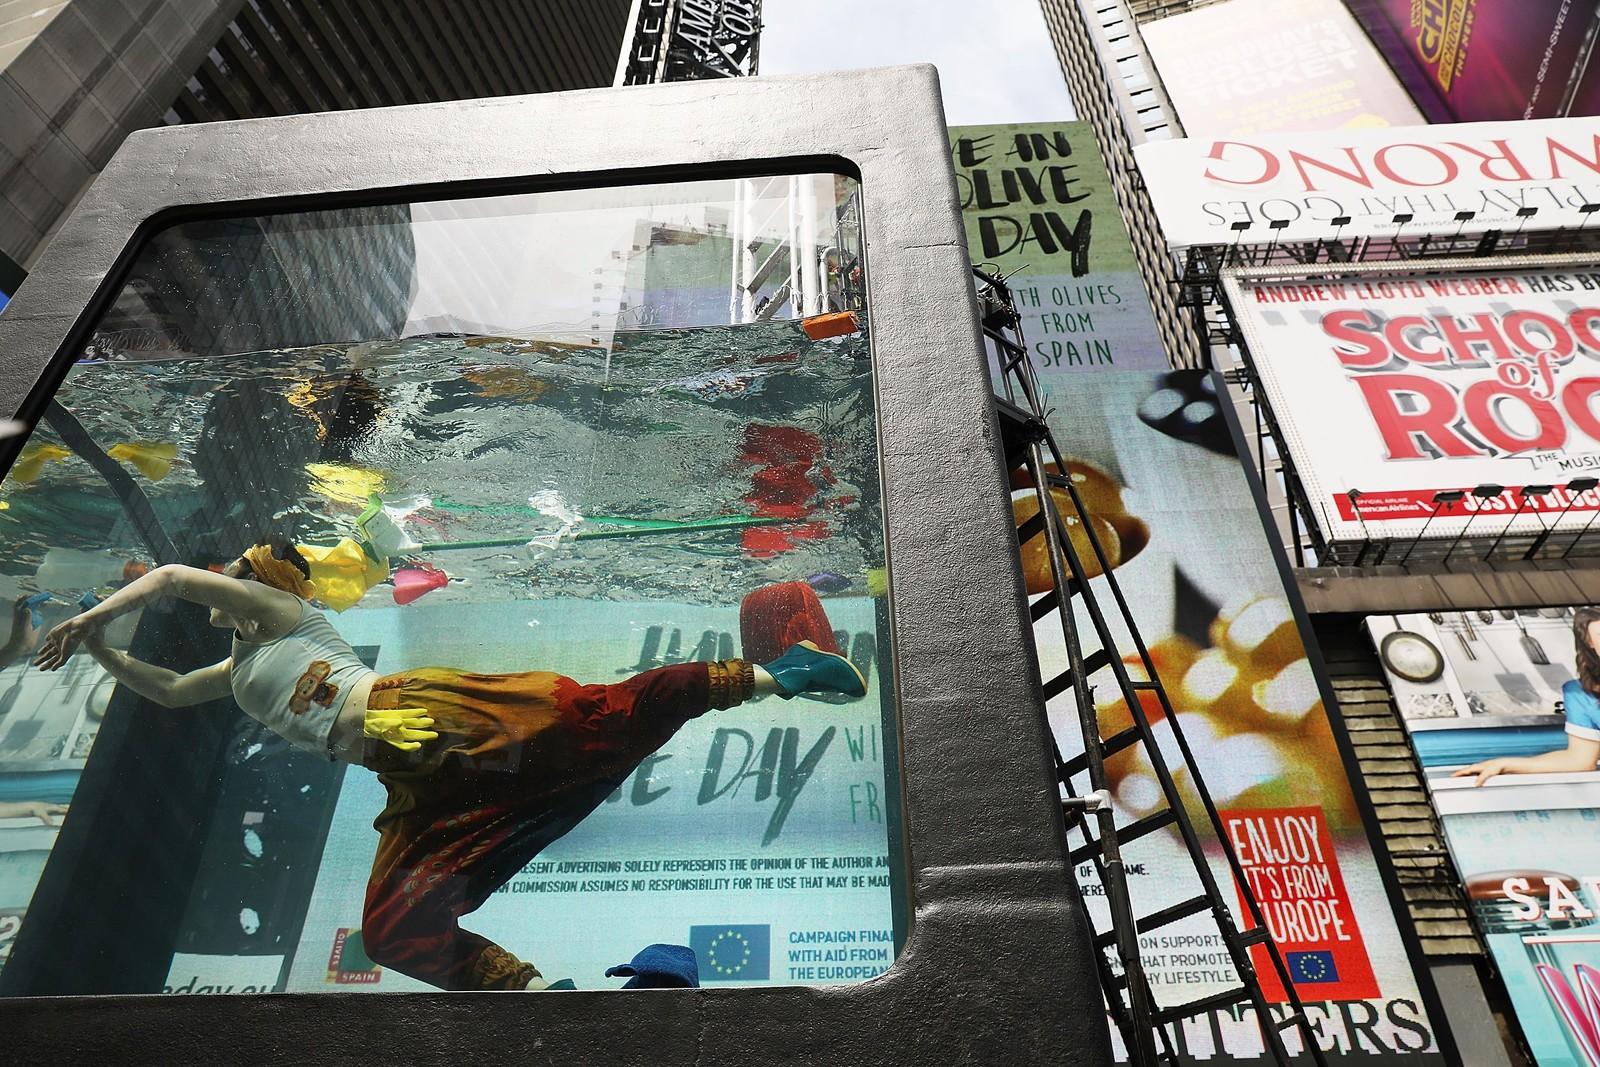 Performance-kunstneren Annie Saunders stiller for tida ut seg selv i en tank med vann på Times Square i New York. Utstillinga Holoscenes er en del av World Science-festivalen, og ønsker å sette fokus på - vann.